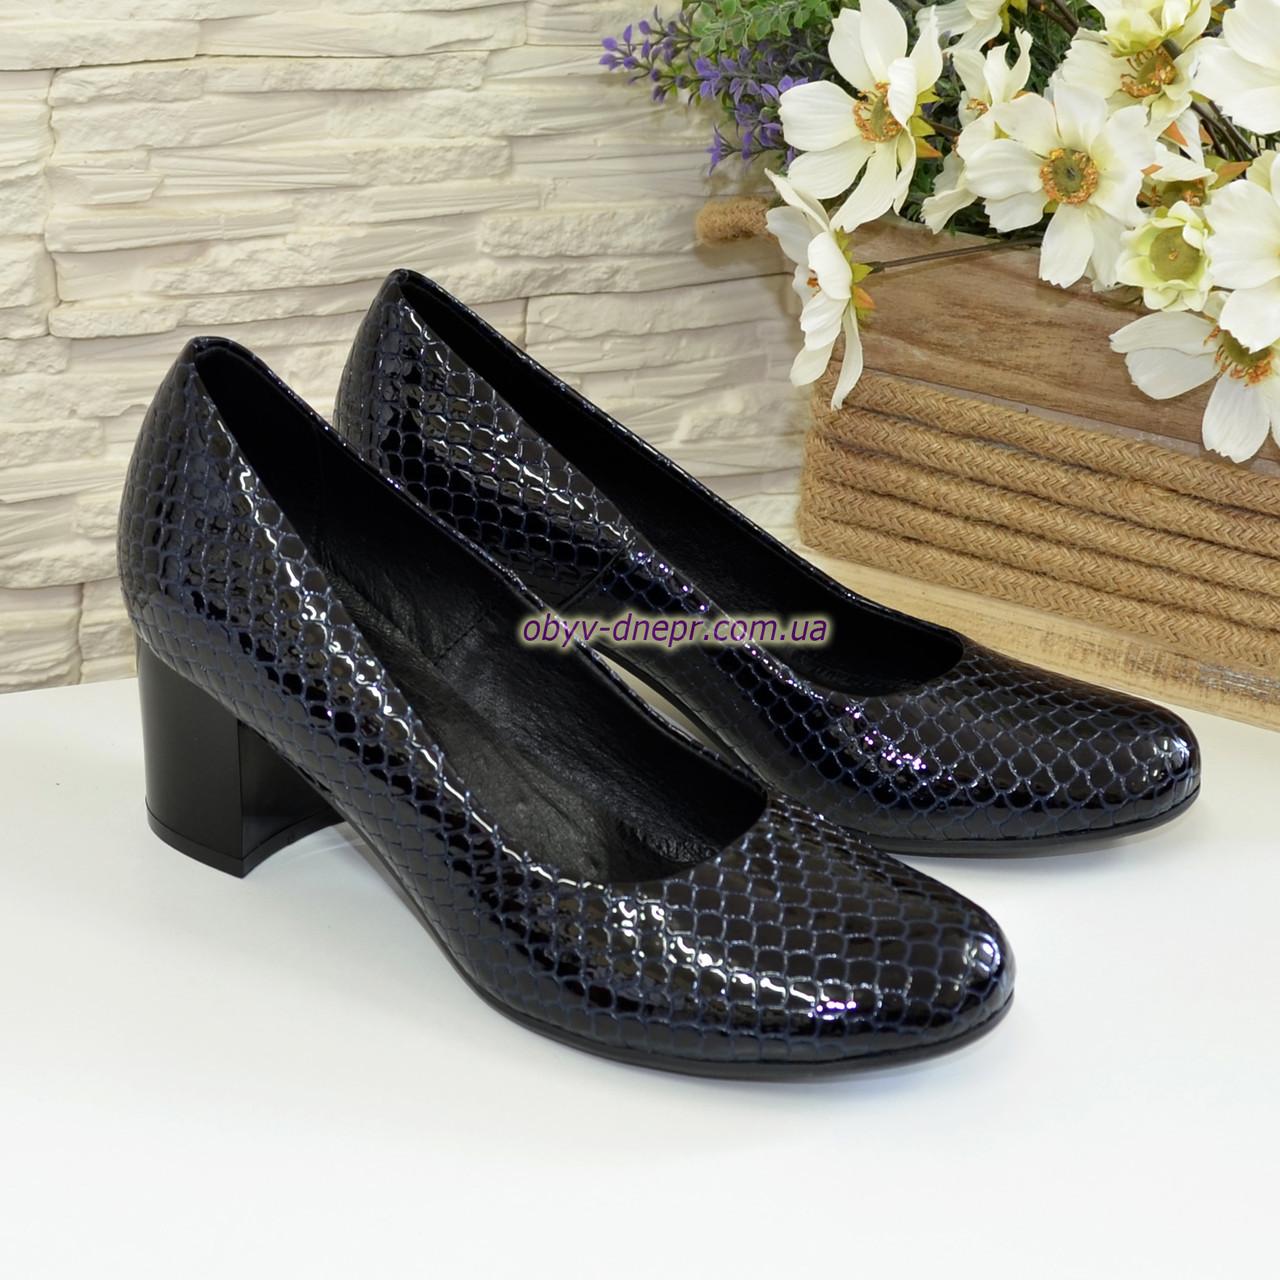 """Туфли женские на невысоком каблуке, из натуральной синей кожи """" крокодил"""""""